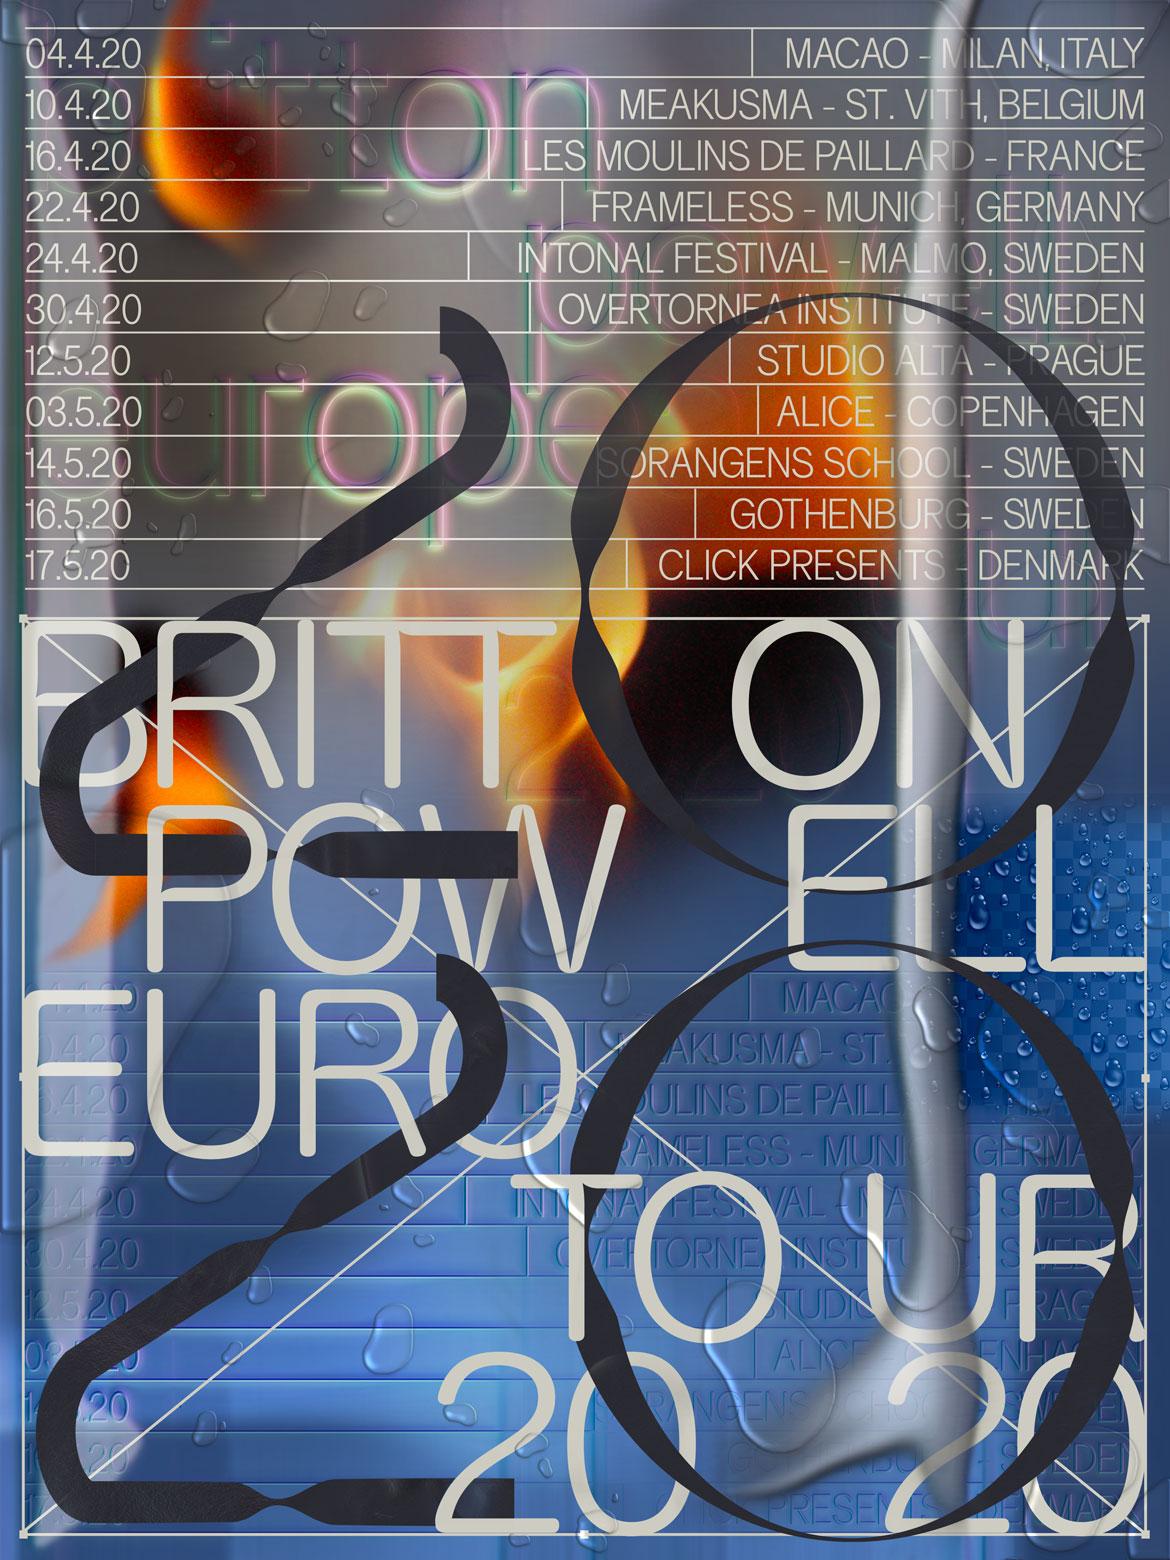 BP-EURO-TOUR_POSTER